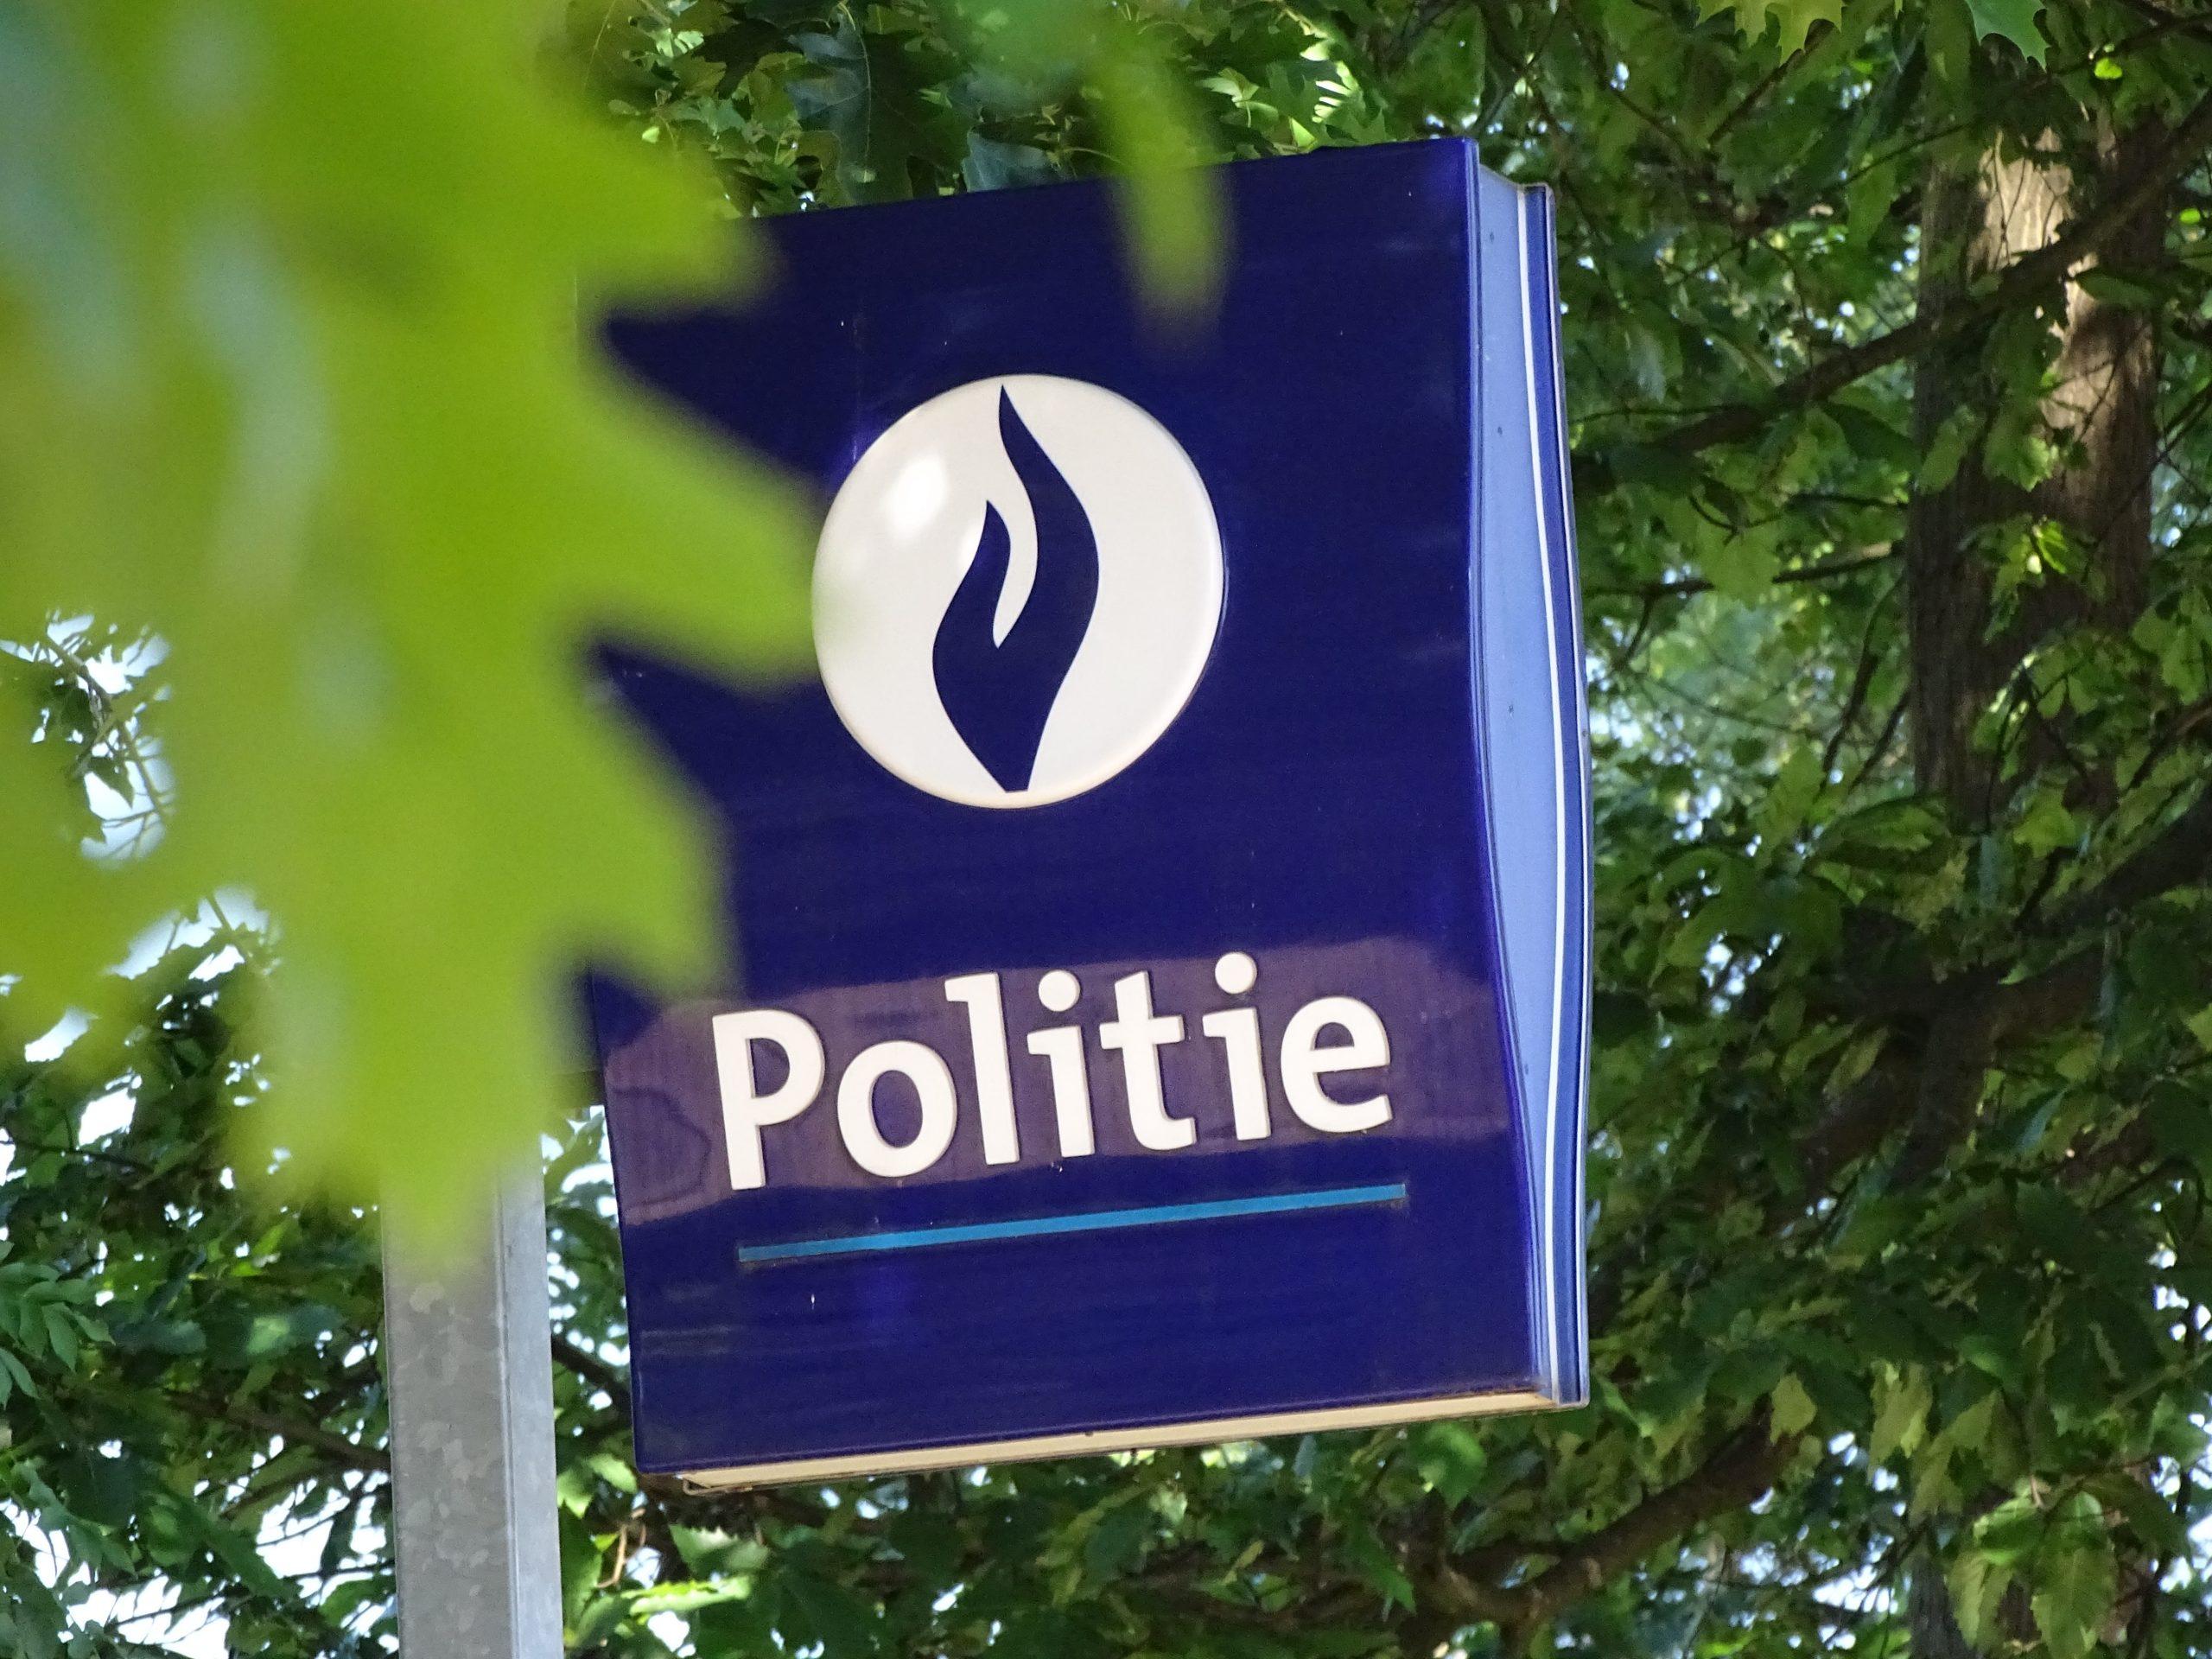 Bord van de politie in Belgie